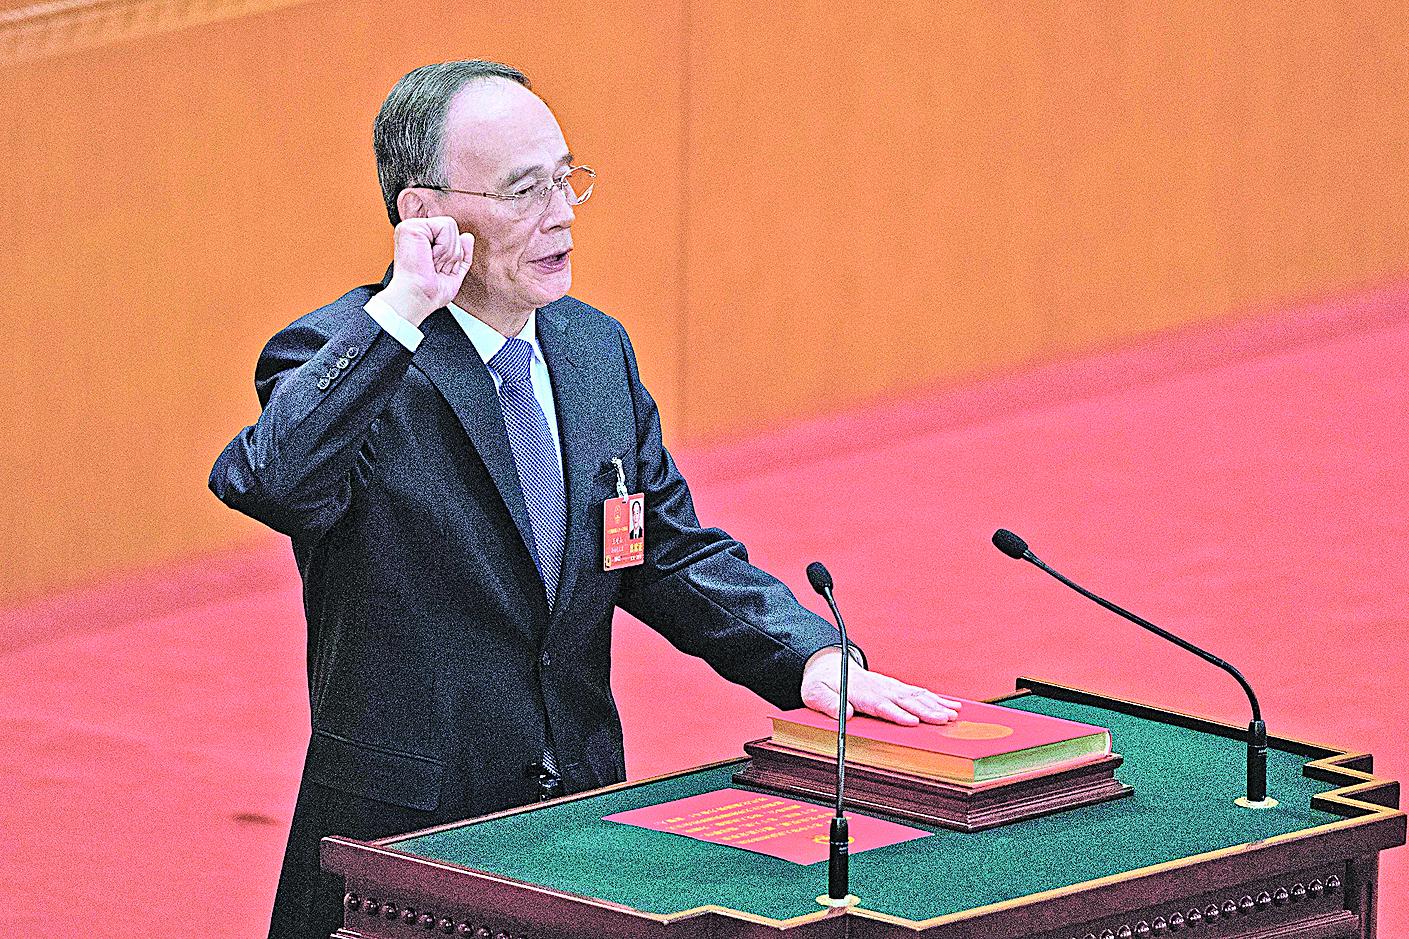 王岐山就任中共國家副主席,標誌著未來5年,習近平當局仍將延續「習王體制」的模式執政。 (AFP/Getty Images)